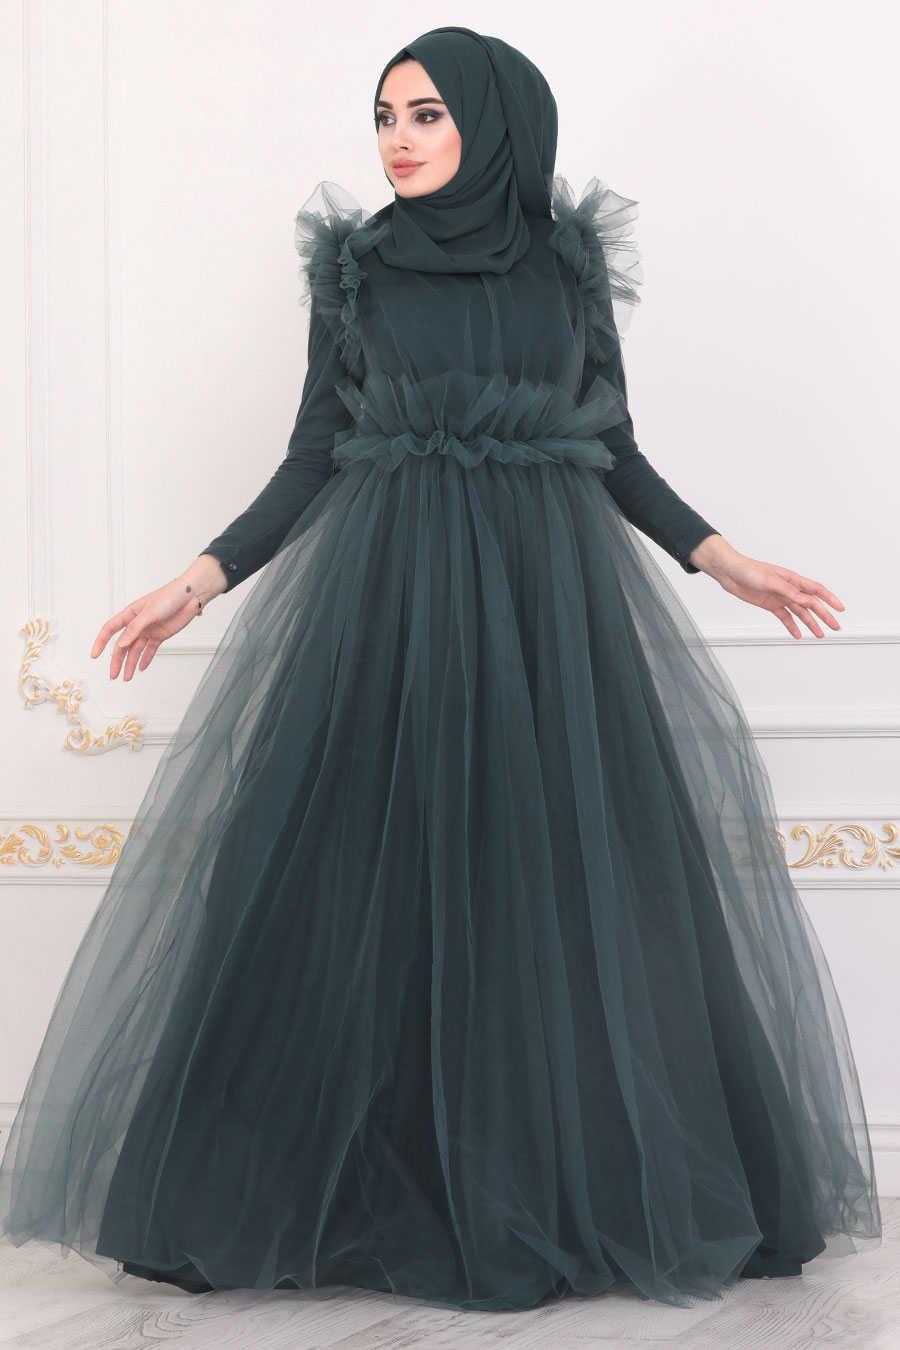 Petrol Green Hijab Evening Dress 4067PY